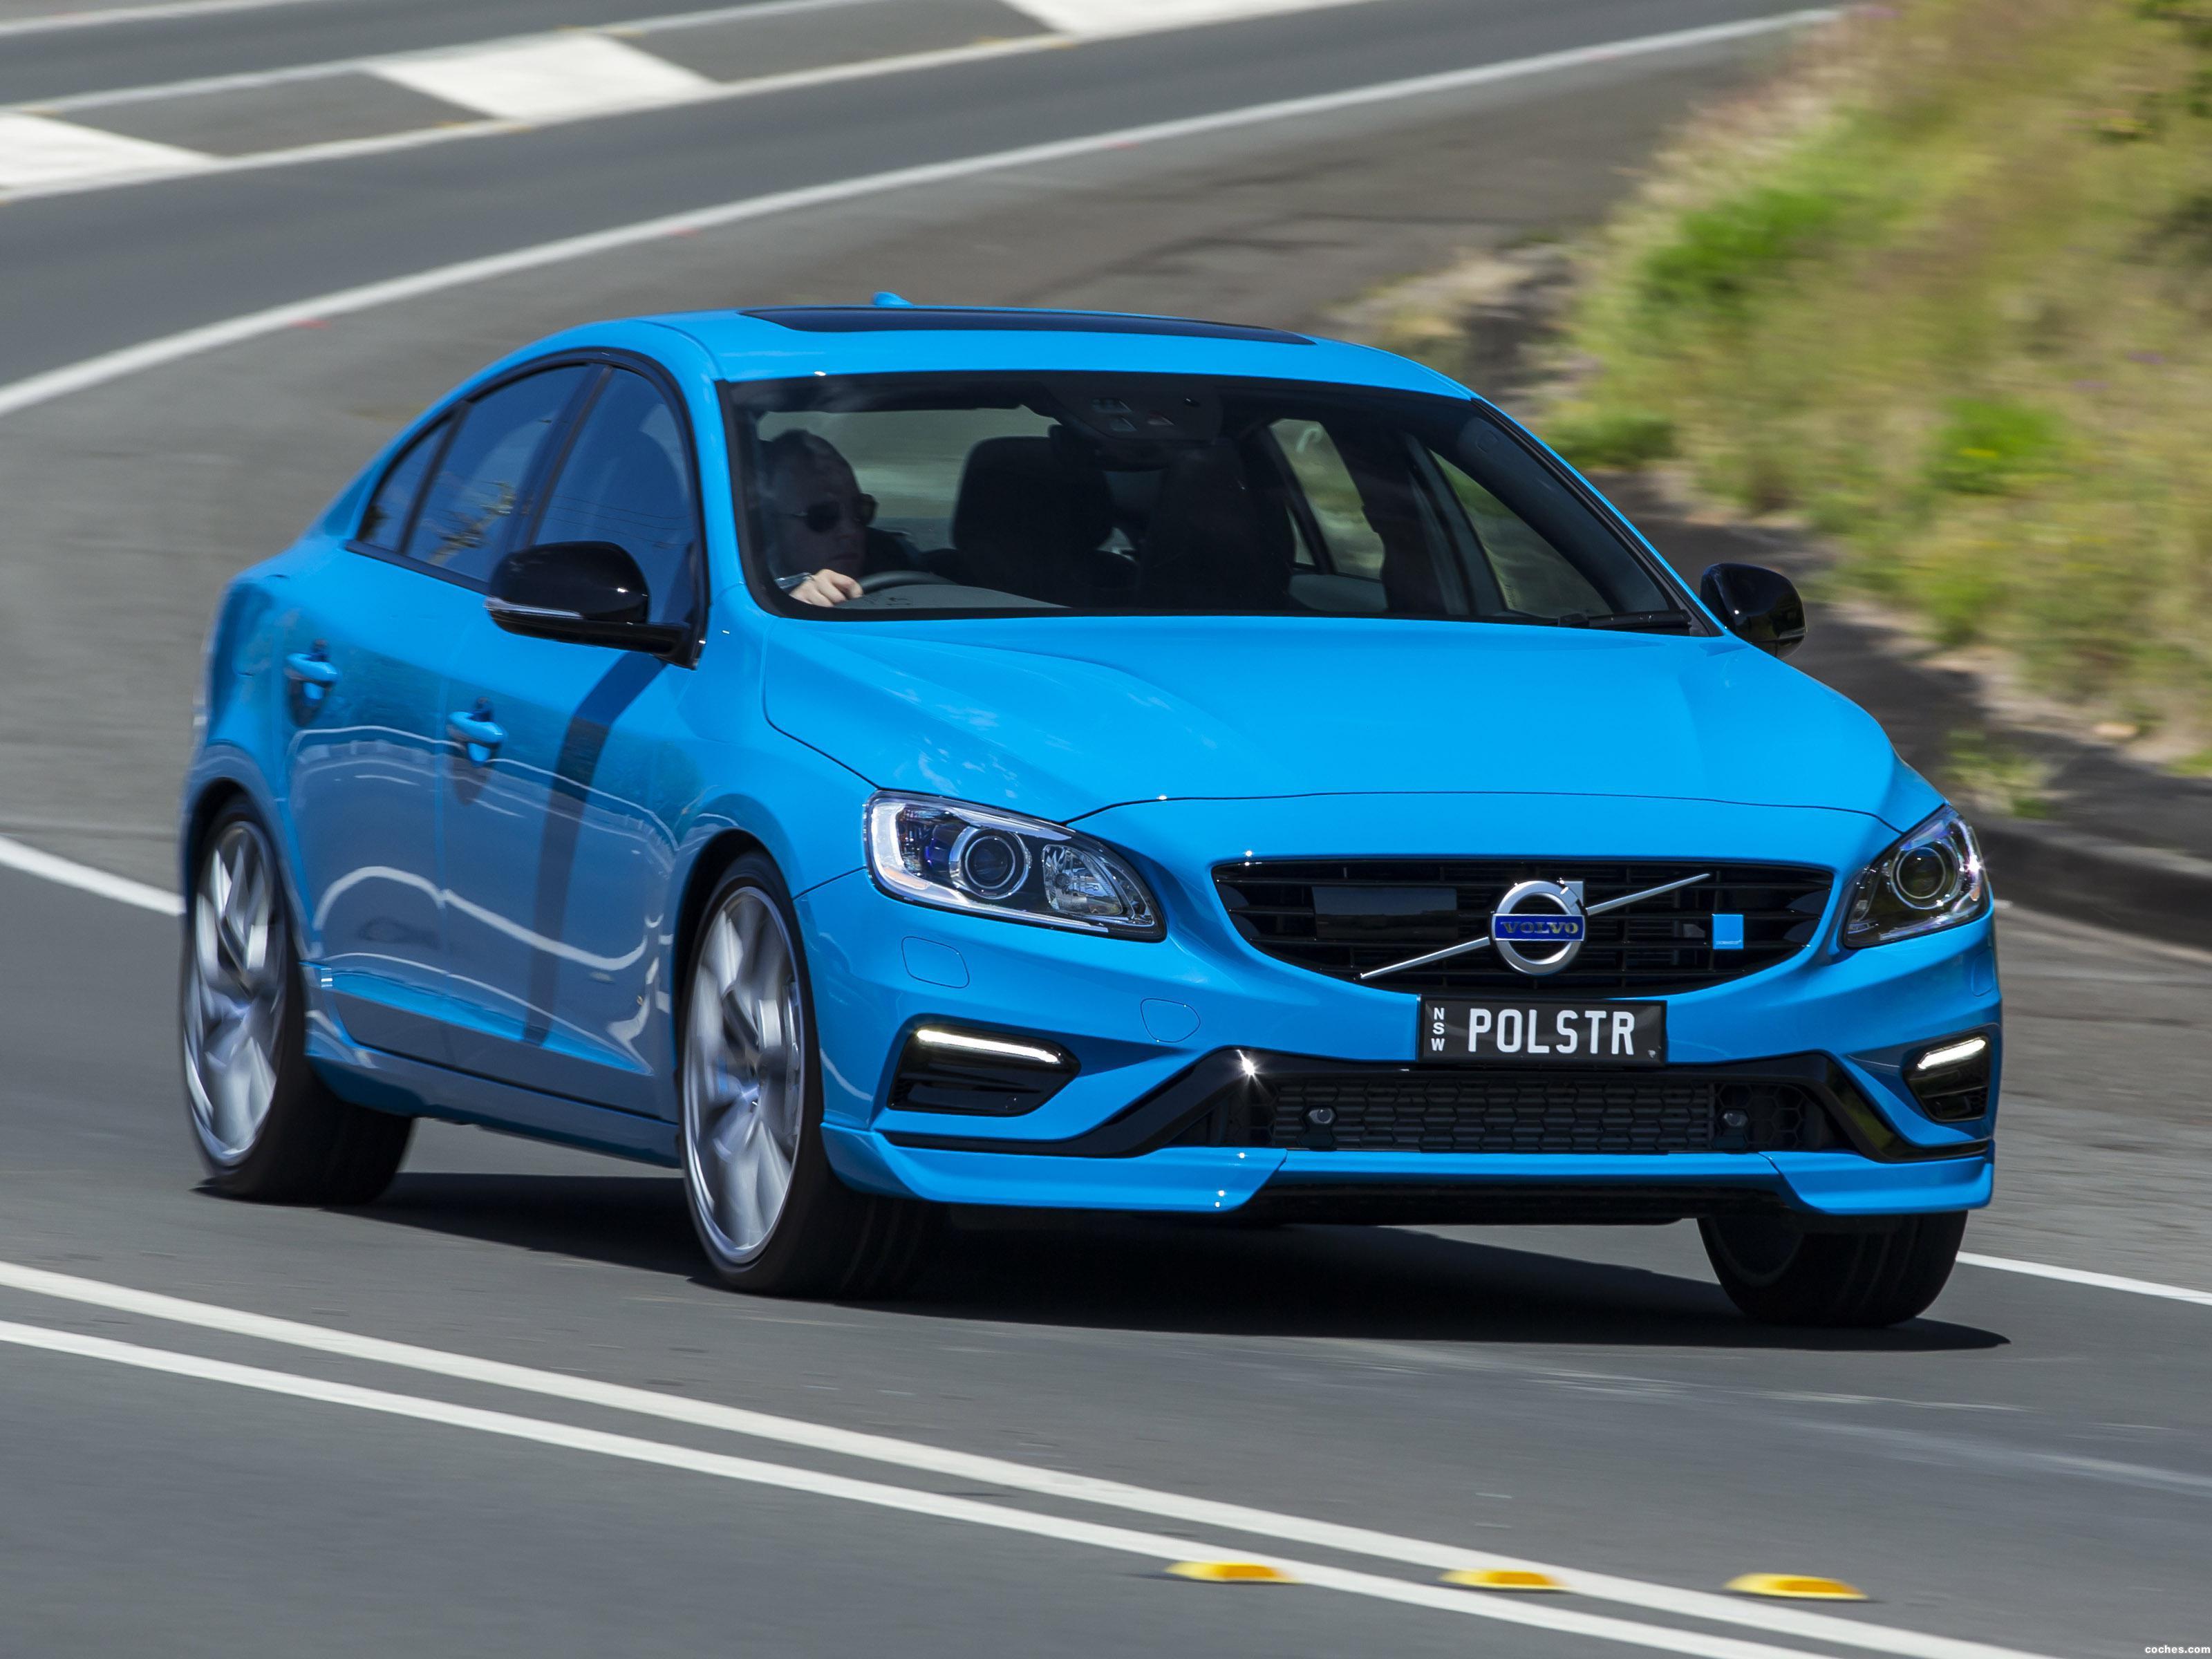 Foto 0 de Volvo S60 Polestar Australia 2014